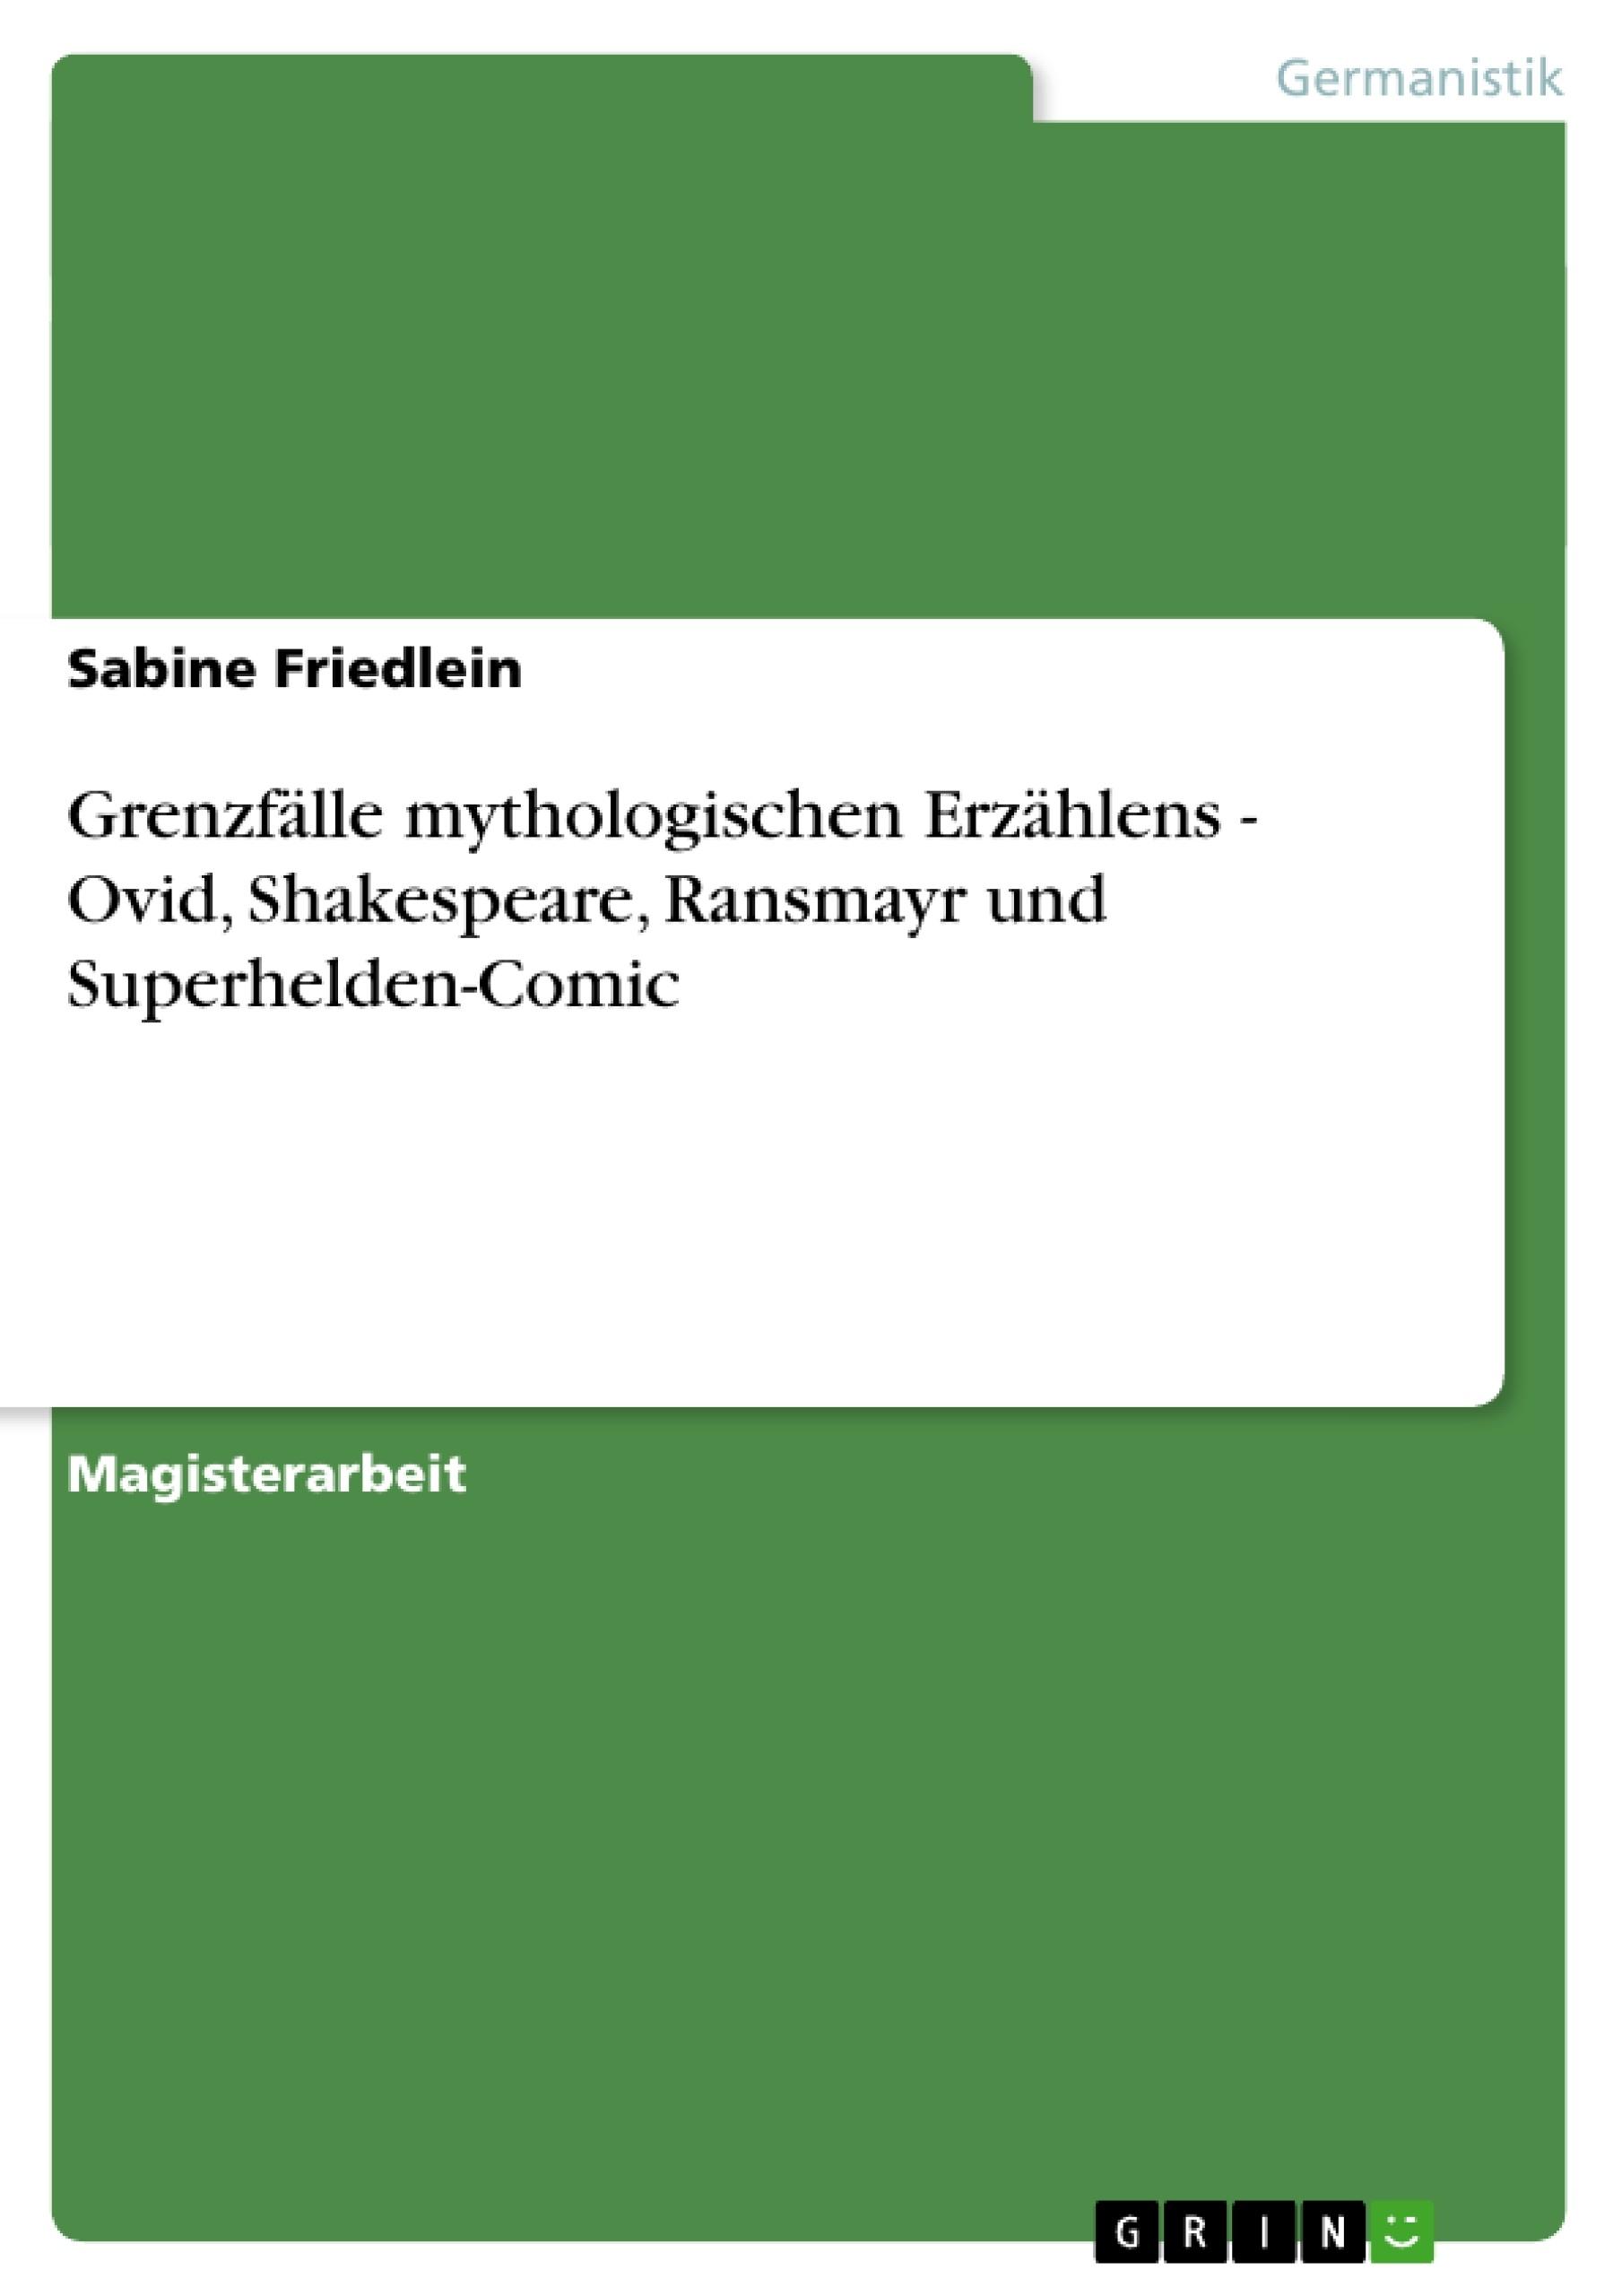 Titel: Grenzfälle mythologischen Erzählens - Ovid, Shakespeare, Ransmayr und Superhelden-Comic